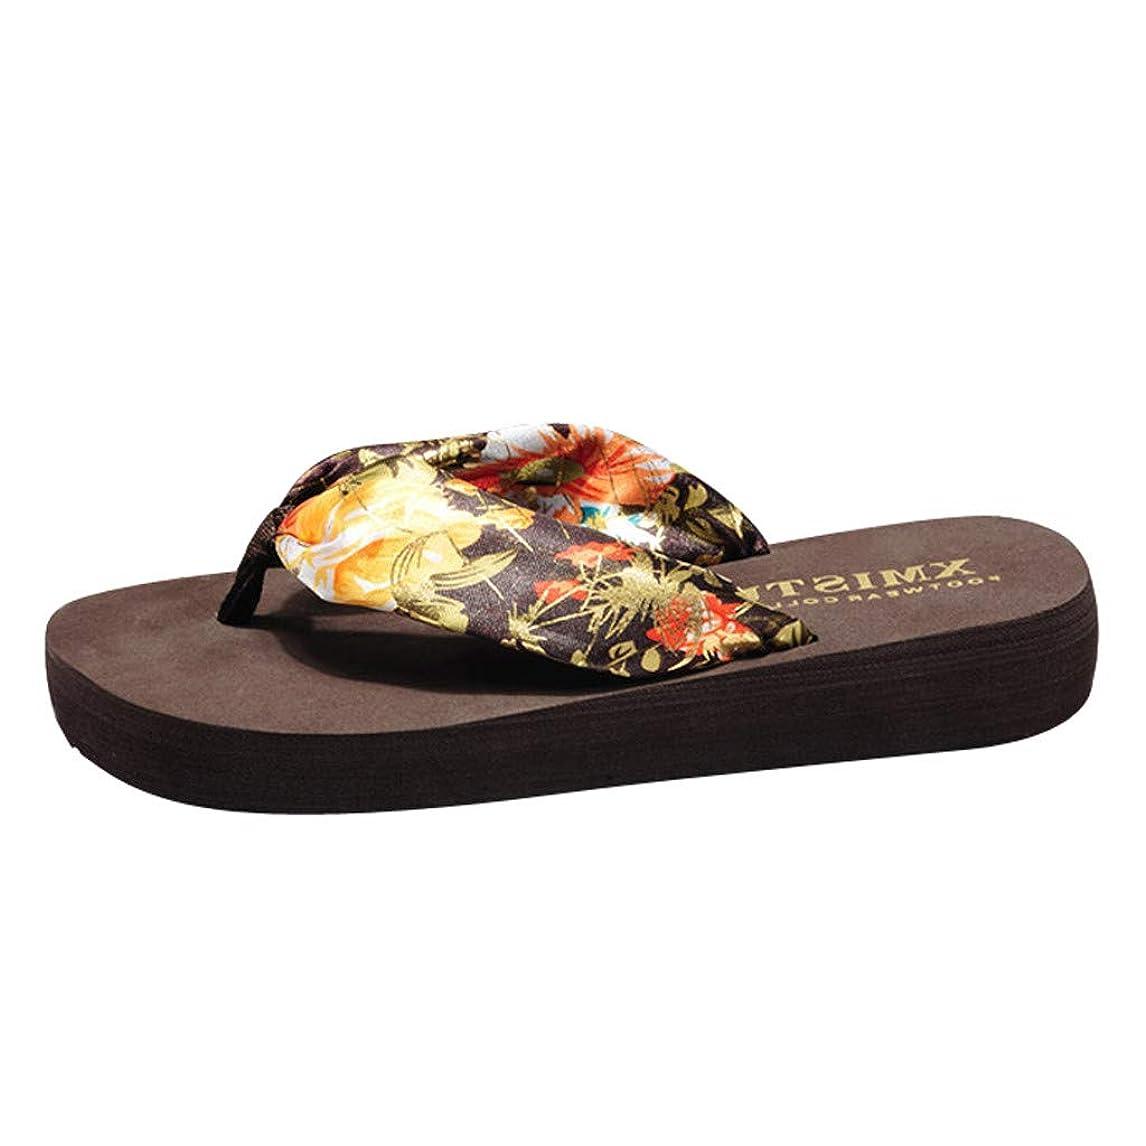 チキン噴水スローTop Homie レディース おしゃれ 厚底 ウェッジソール 履き心地よい スリッパ ルームシューズ お花 レオパード かわいい 美脚 室内 クッション 靴